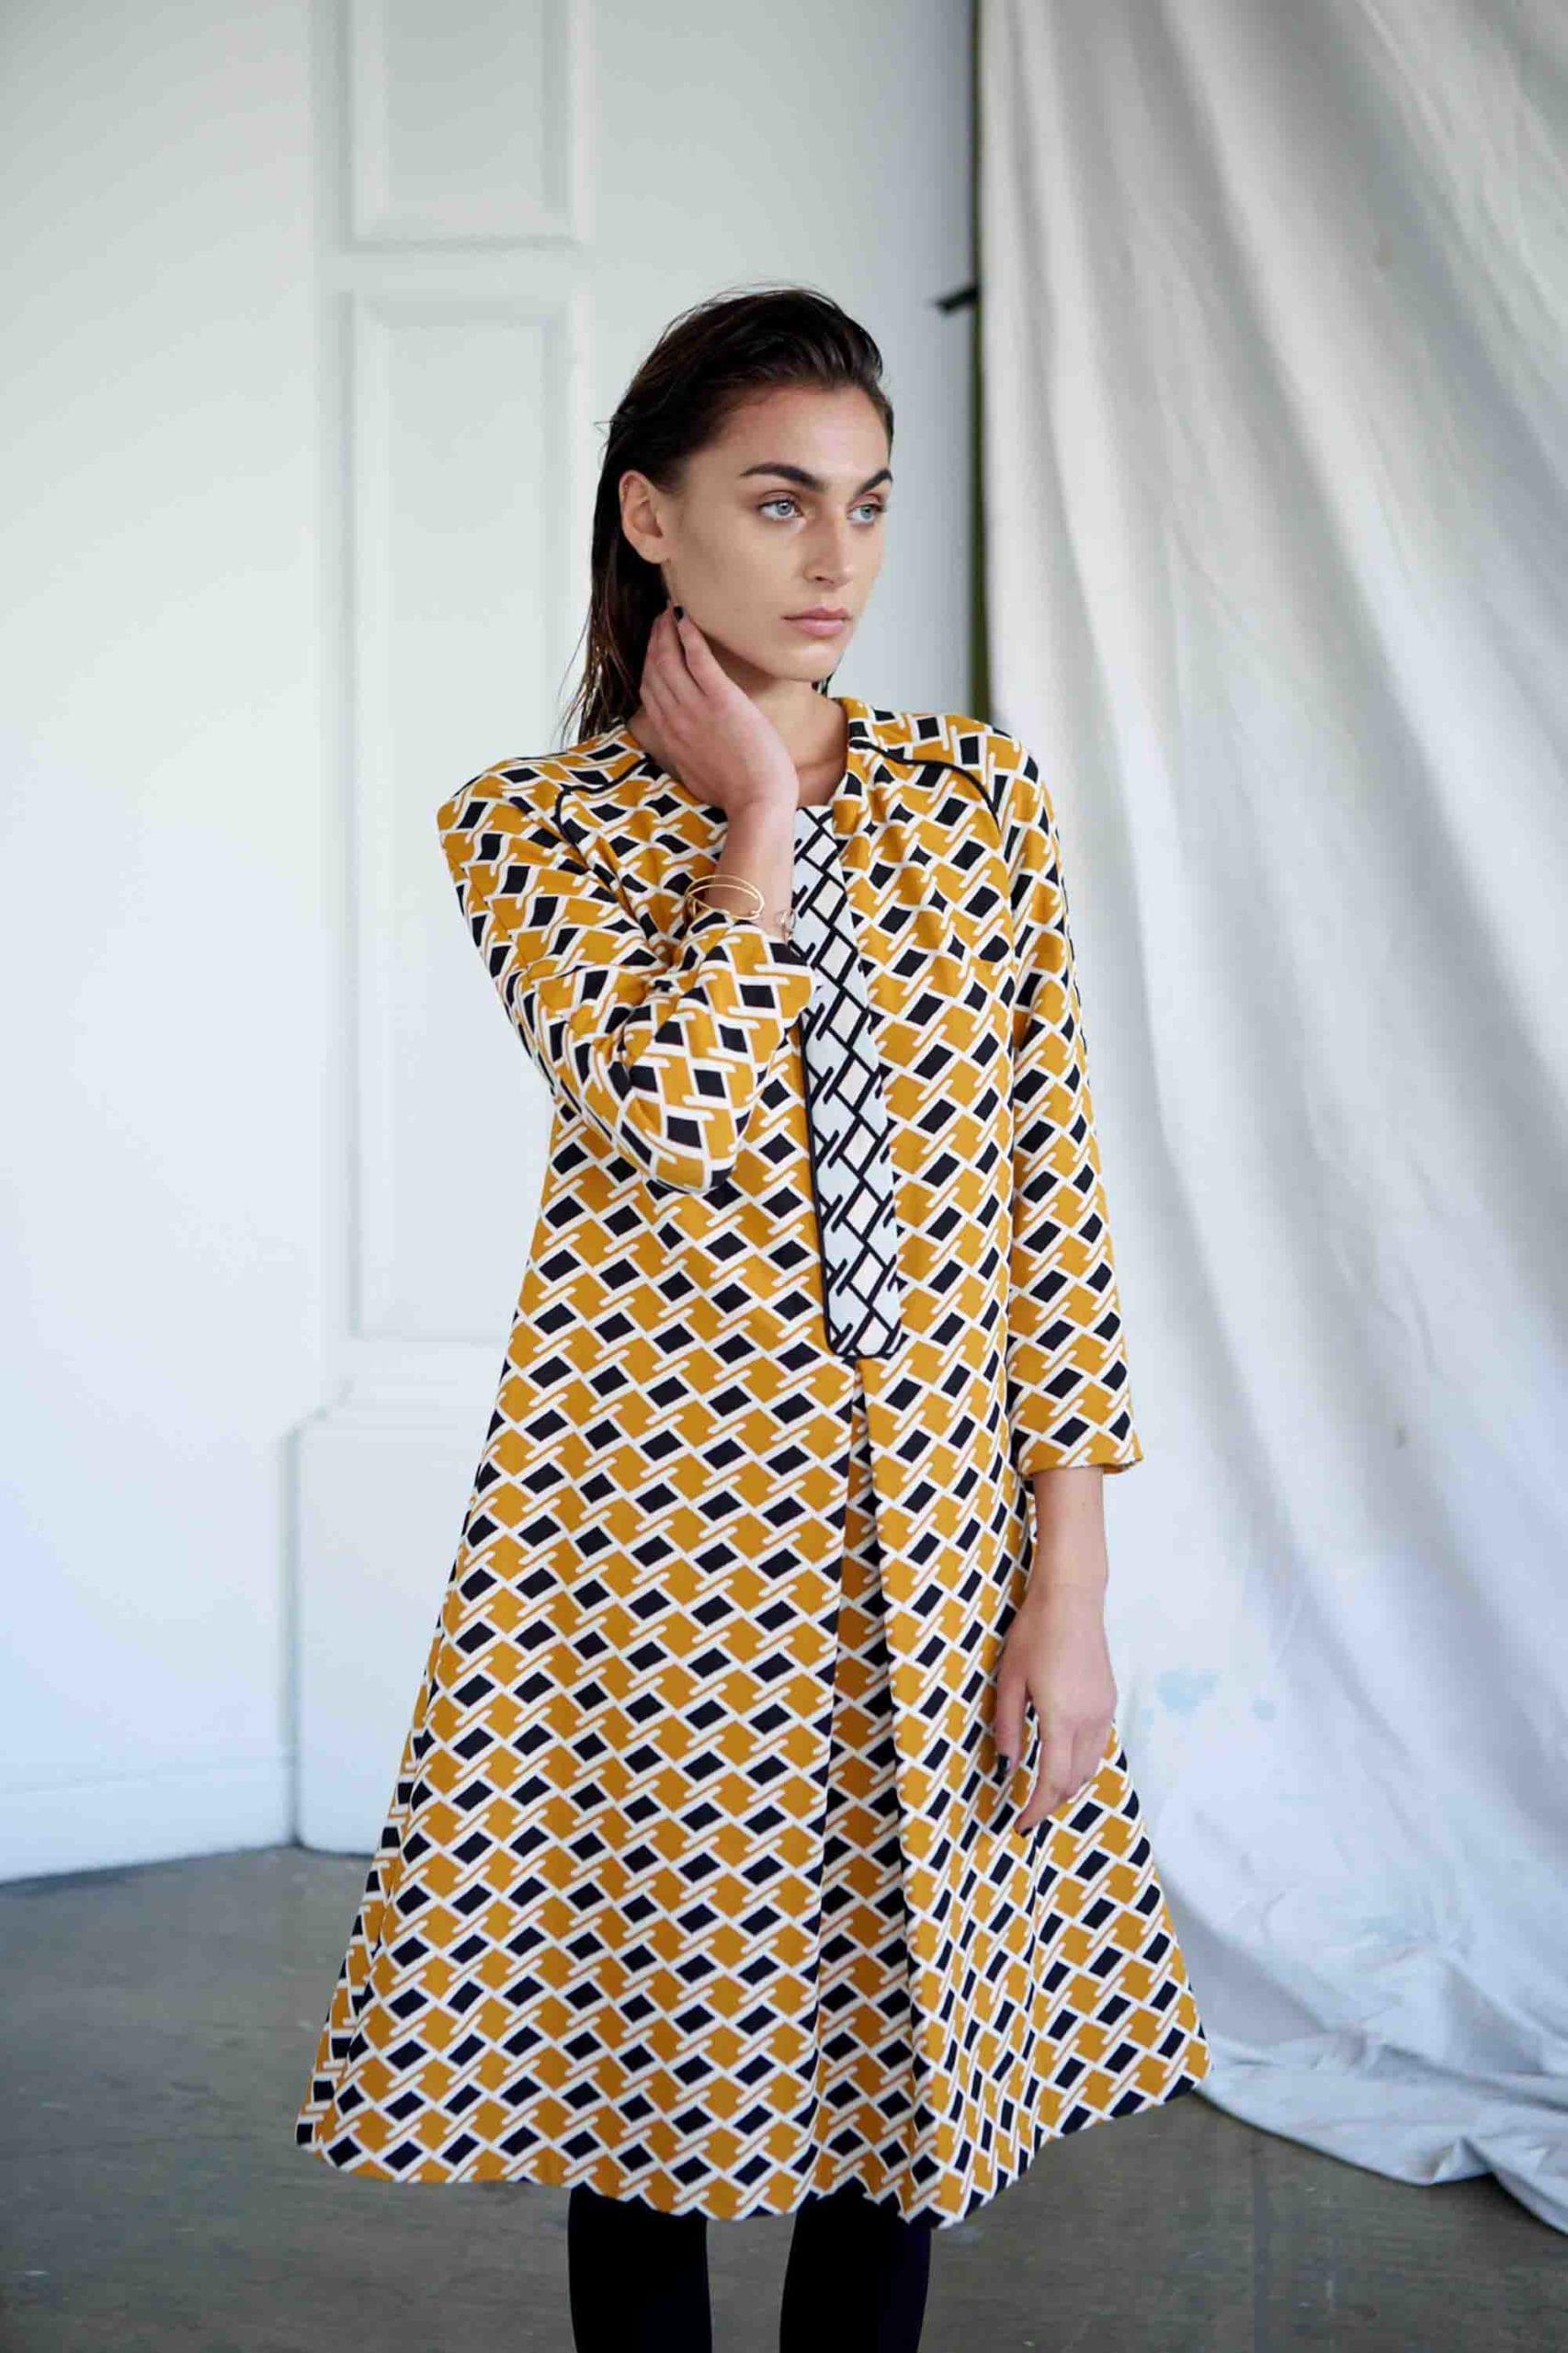 קובי גולן, Kobi Golan, מעצב אופנה, קולקציית אופנה 2020, מגזין אופנה, כתבות אופנה, הילה שייר, אופנה, מגזין אופנה ישראלי -3